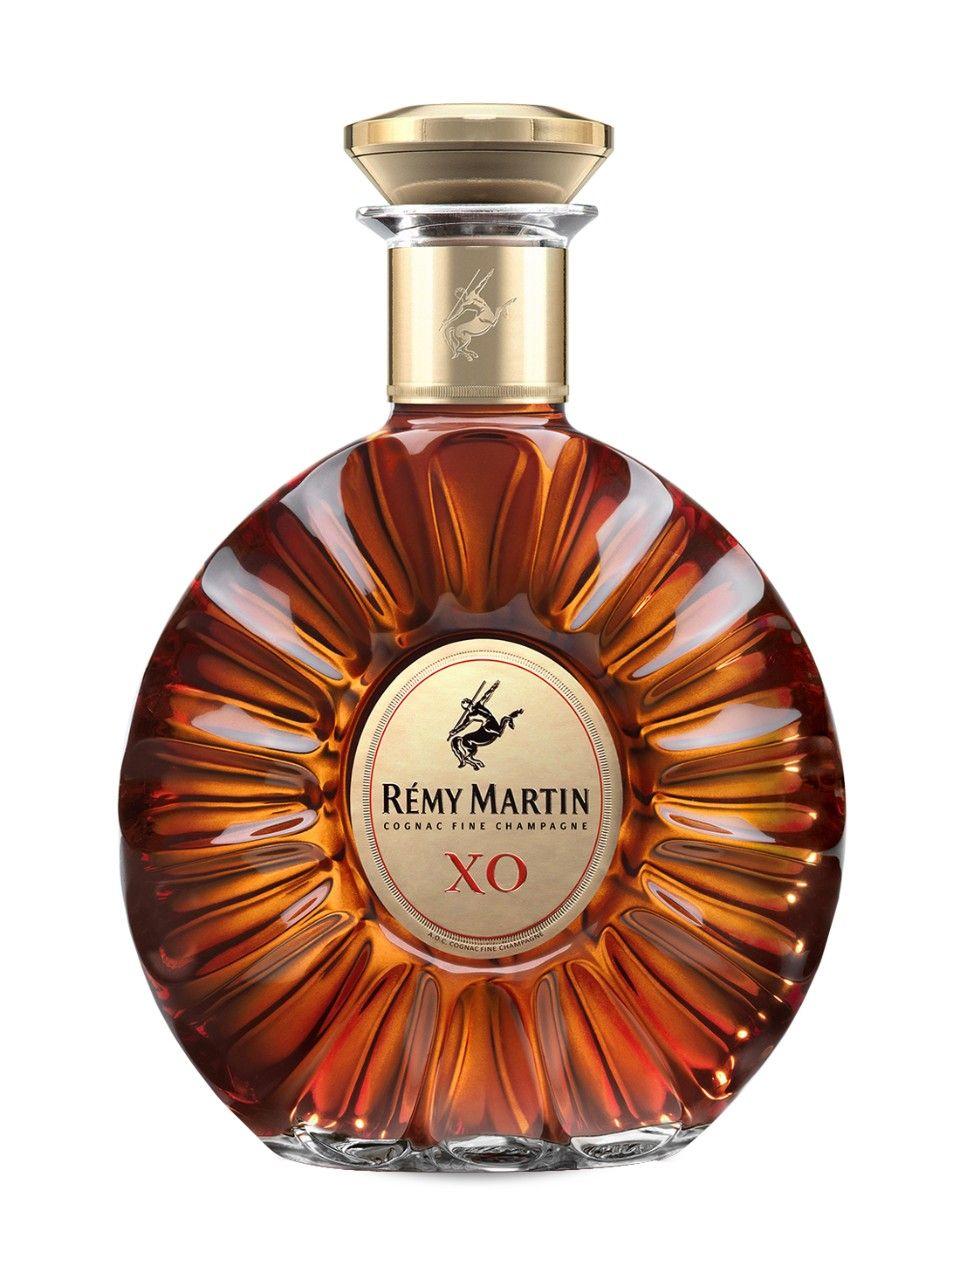 Remy Martin XO Excellence Cognac Remy martin, Cognac